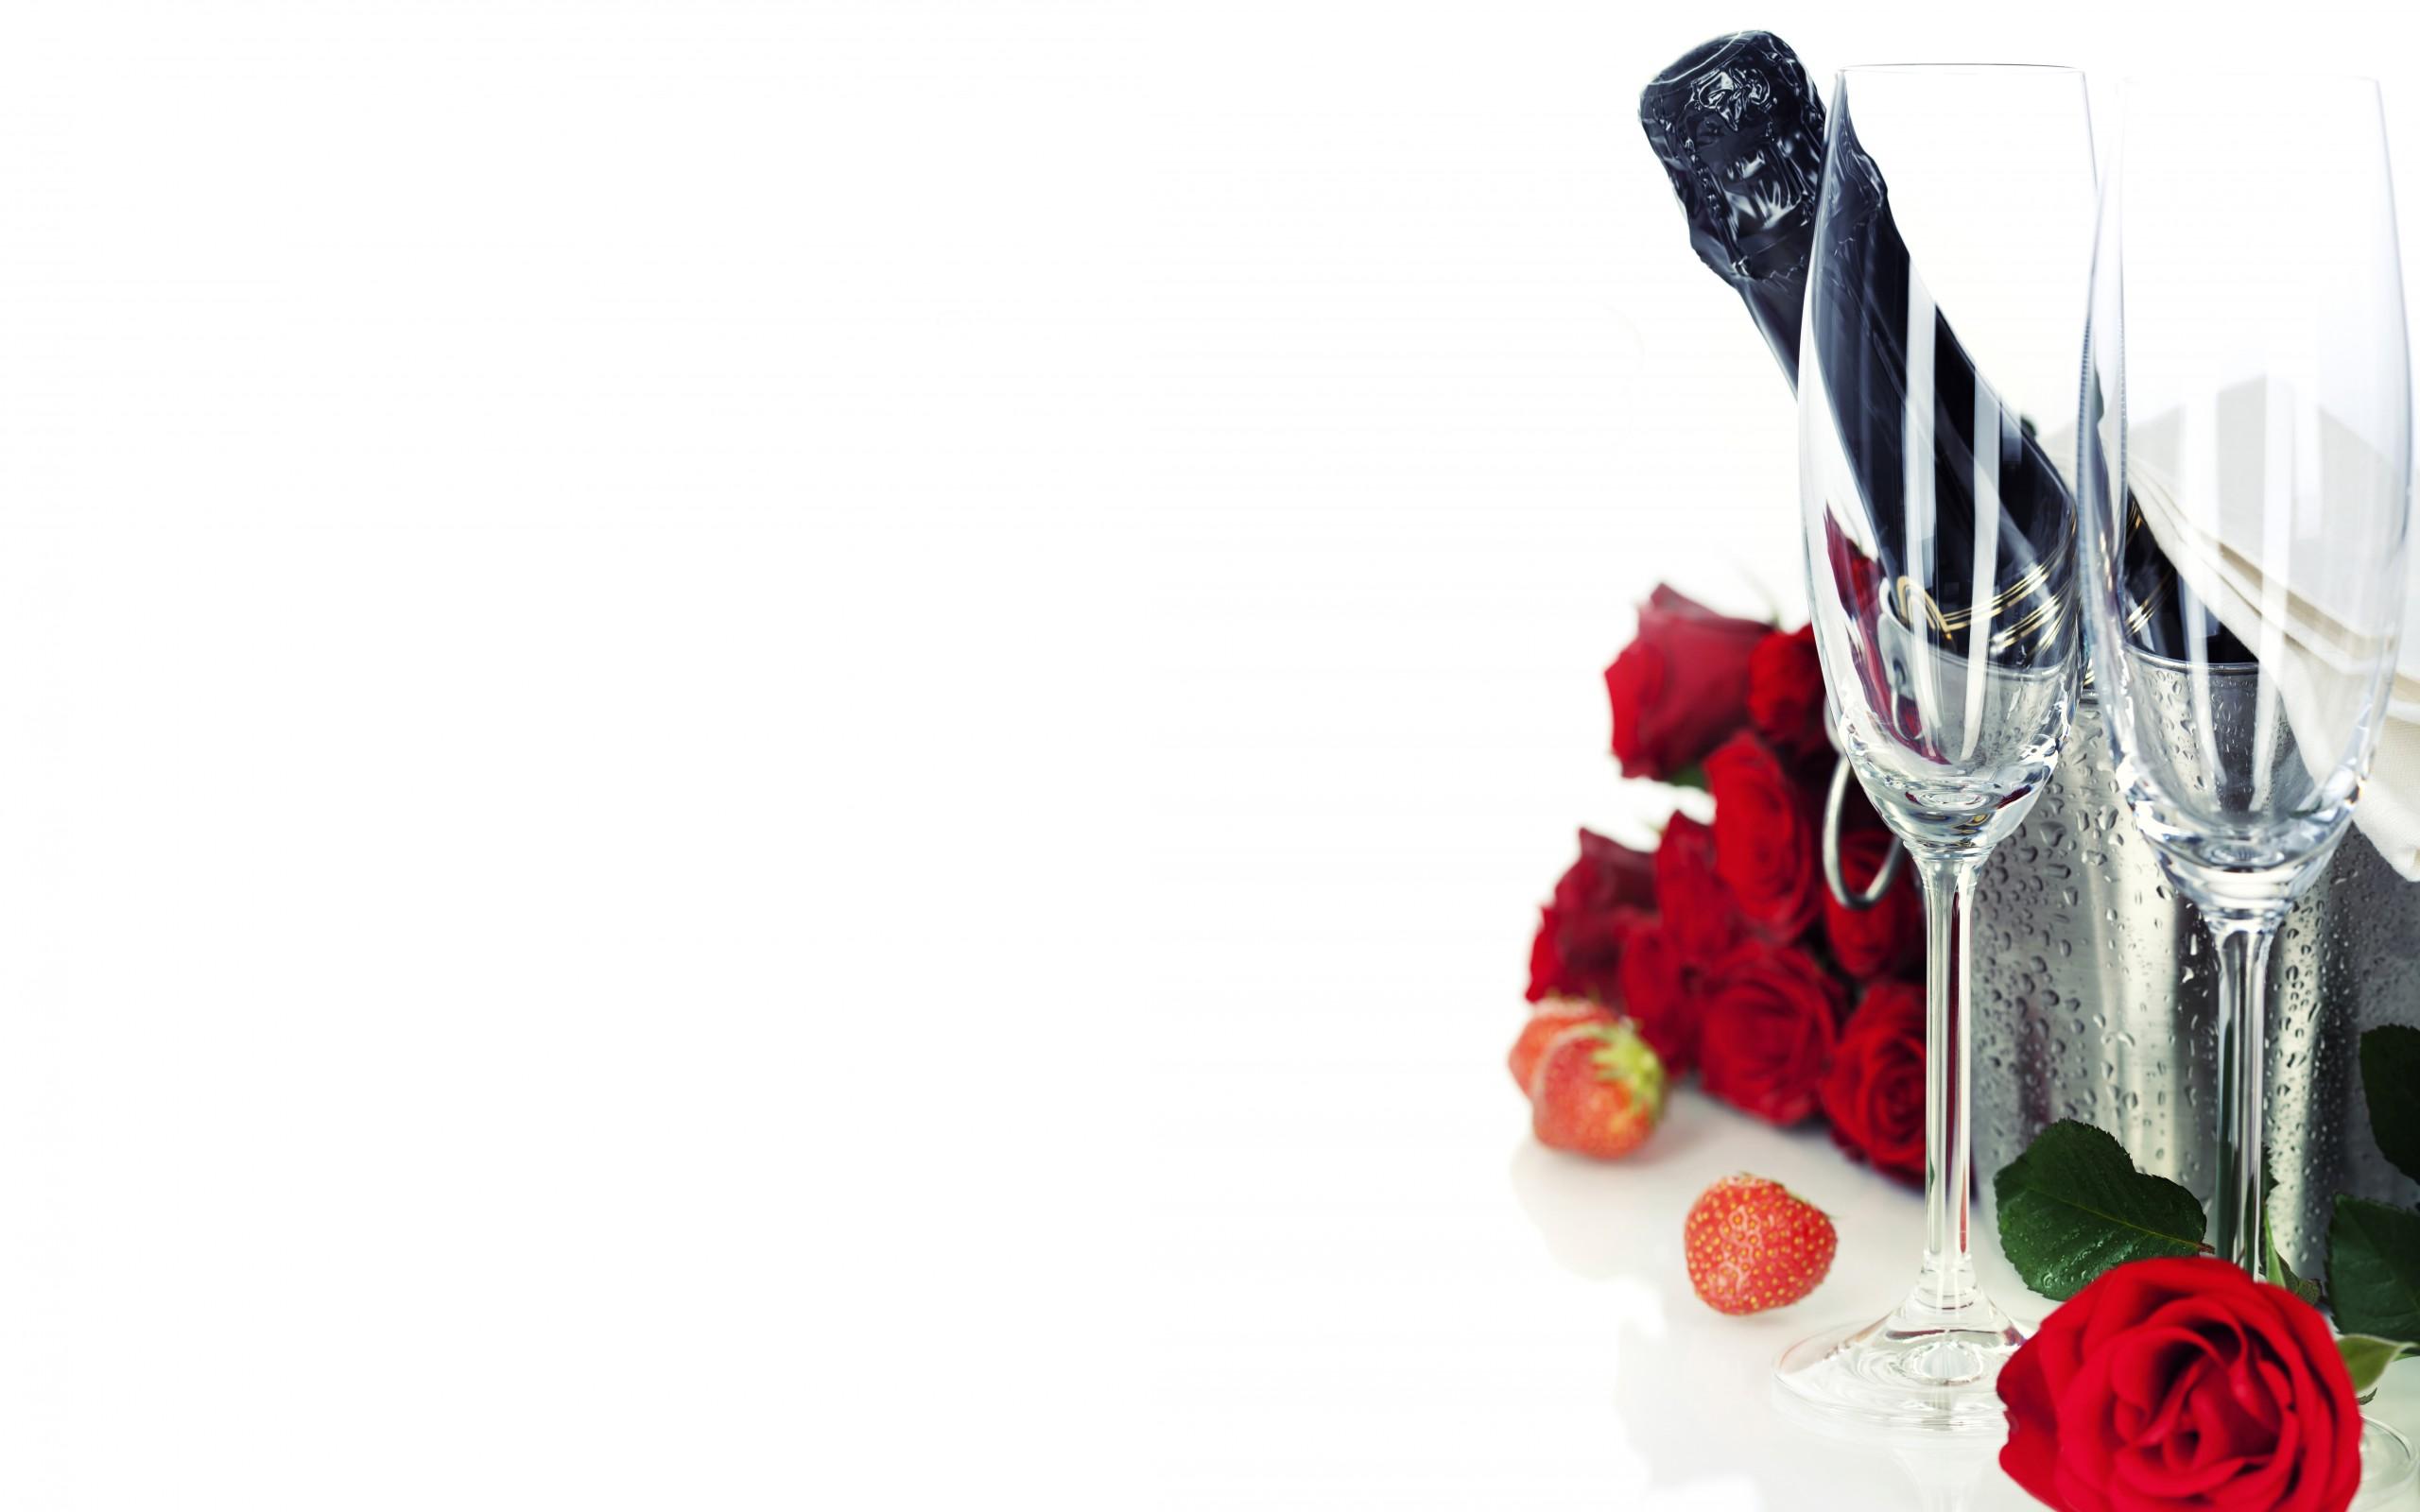 Два бокала с розами  № 750297 без смс